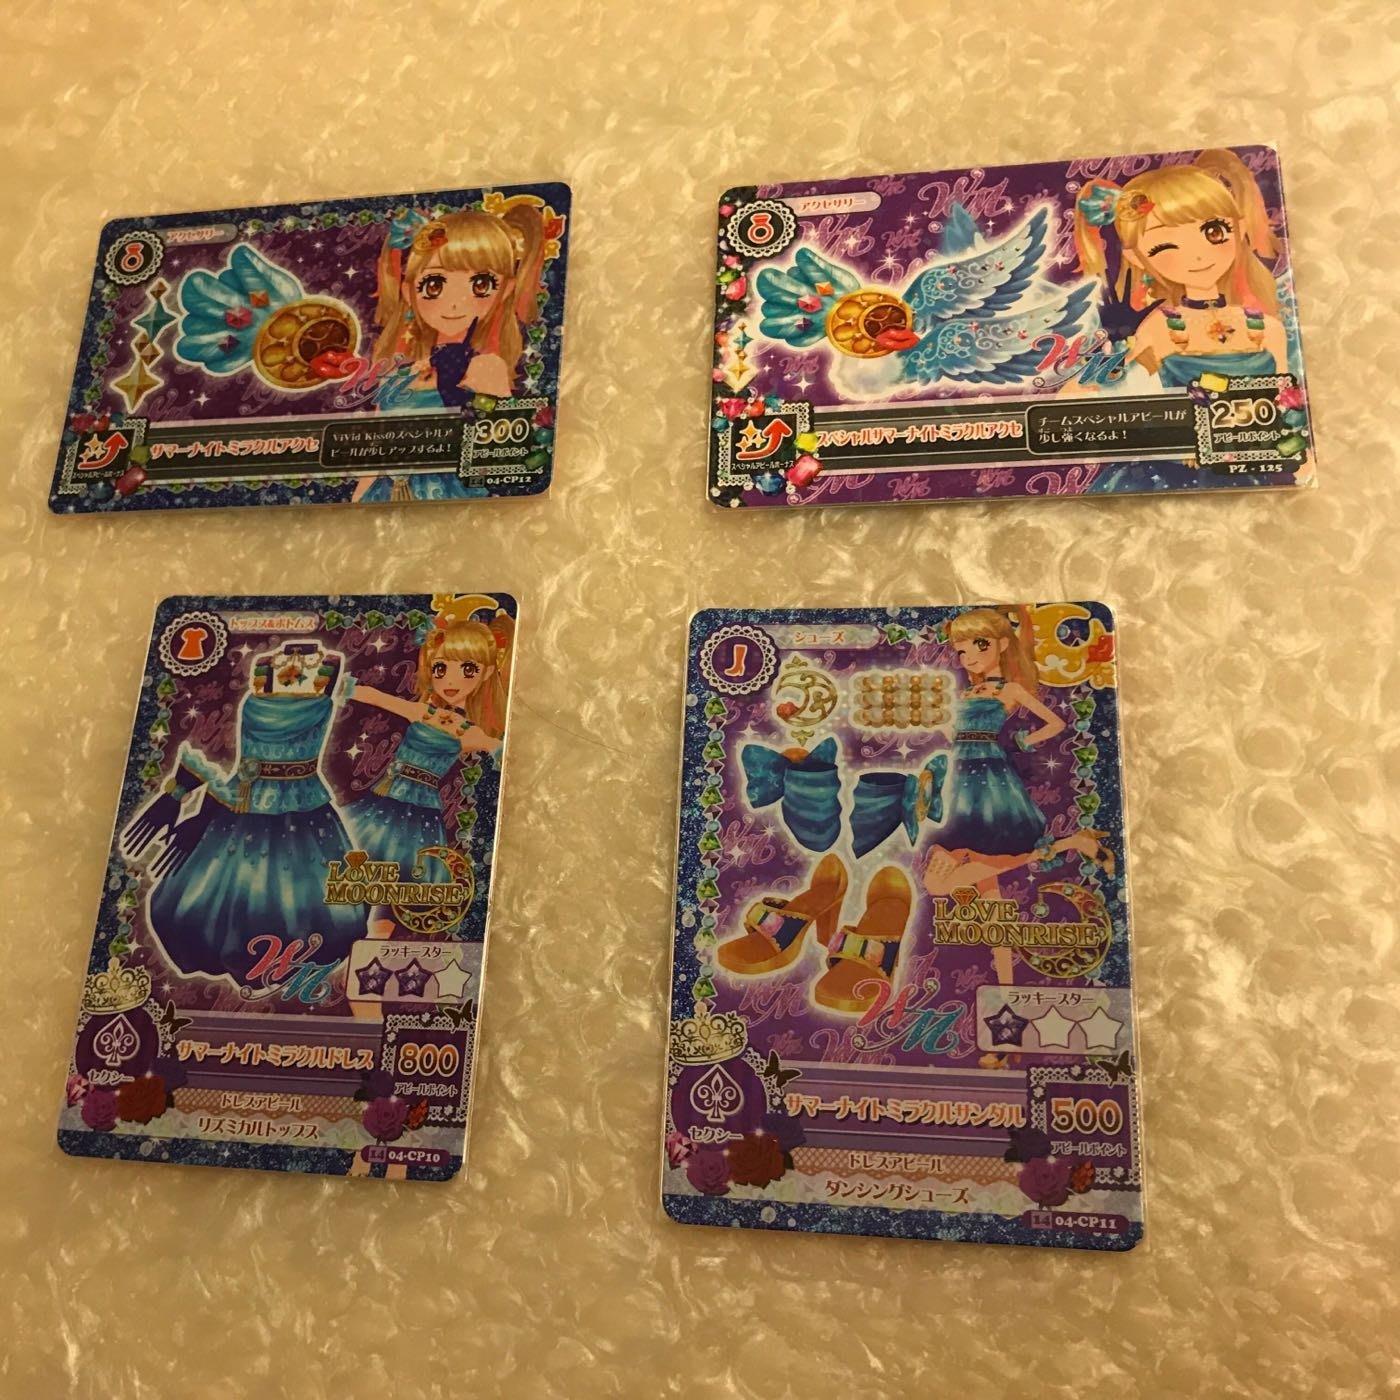 偶像學園 夏樹未來 高級絕版卡片